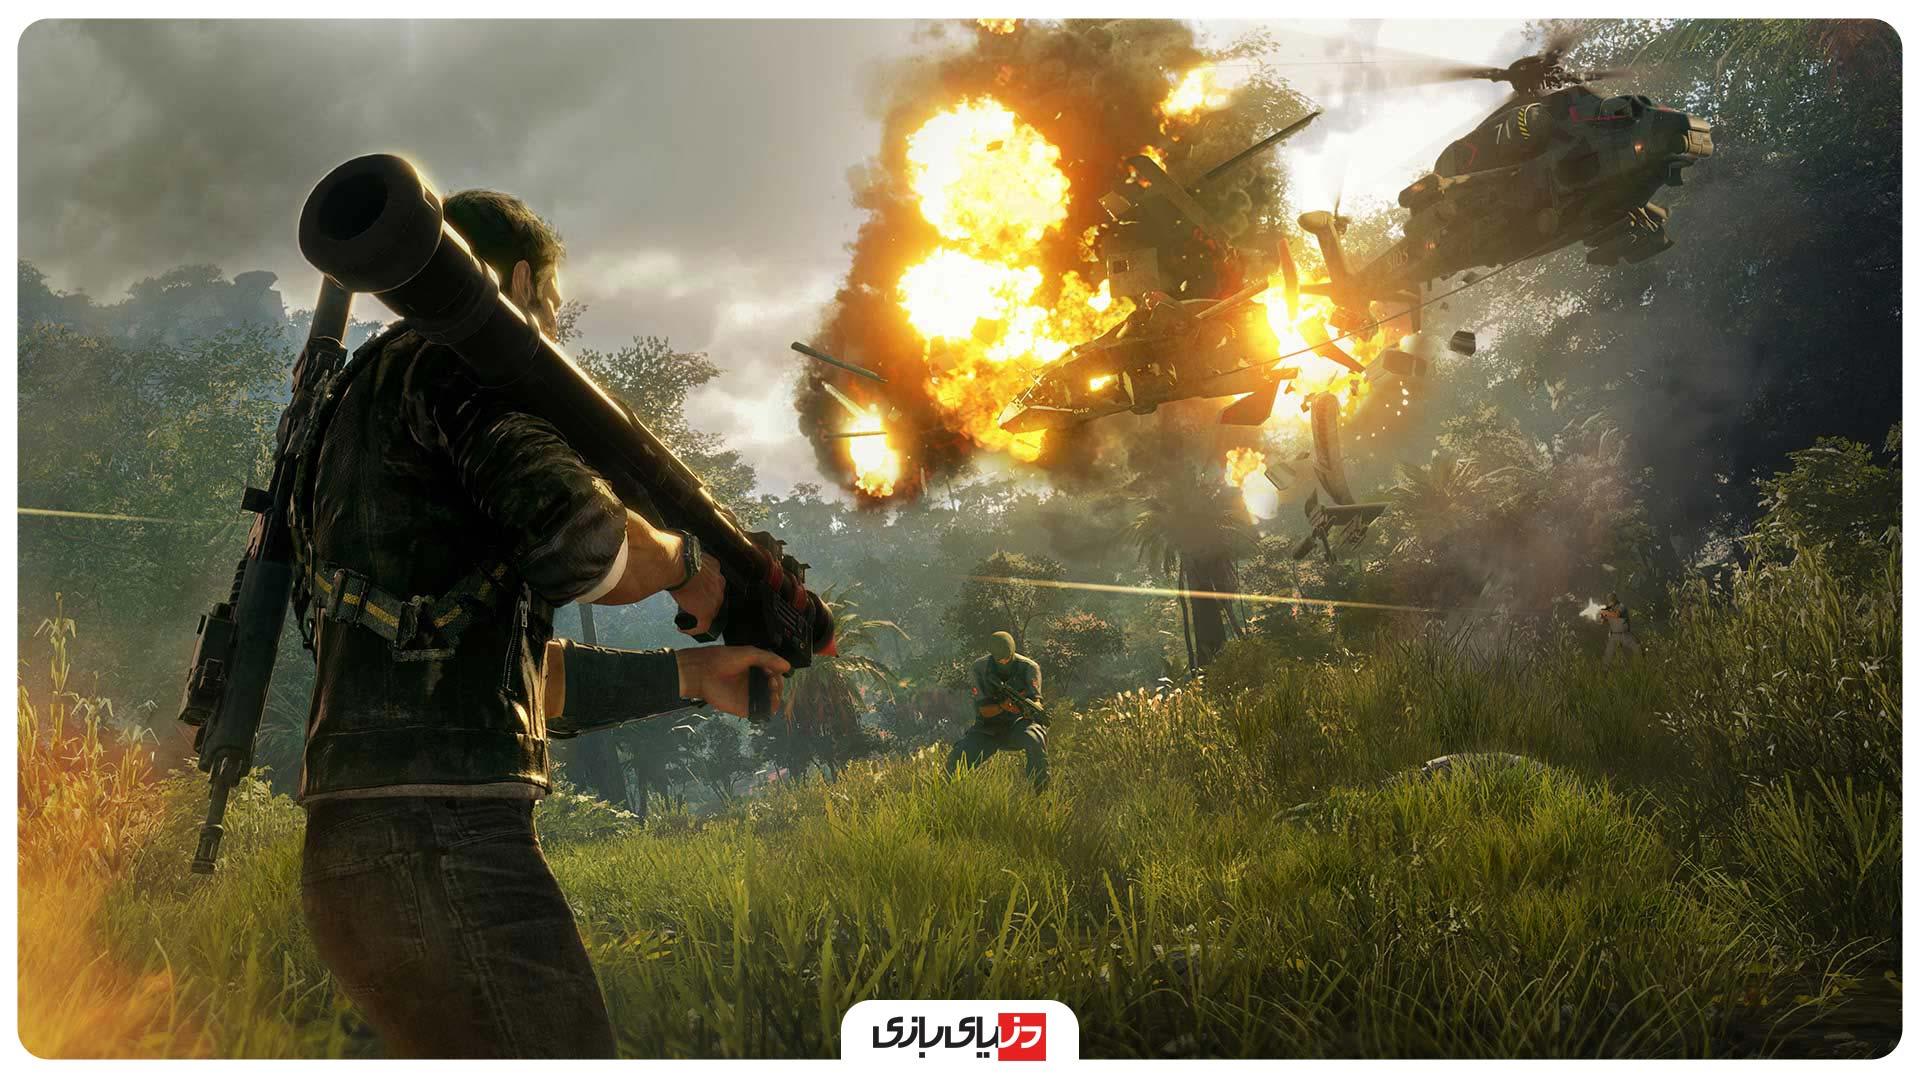 بازی های مشابه GTA V - بازی Just Cause 4